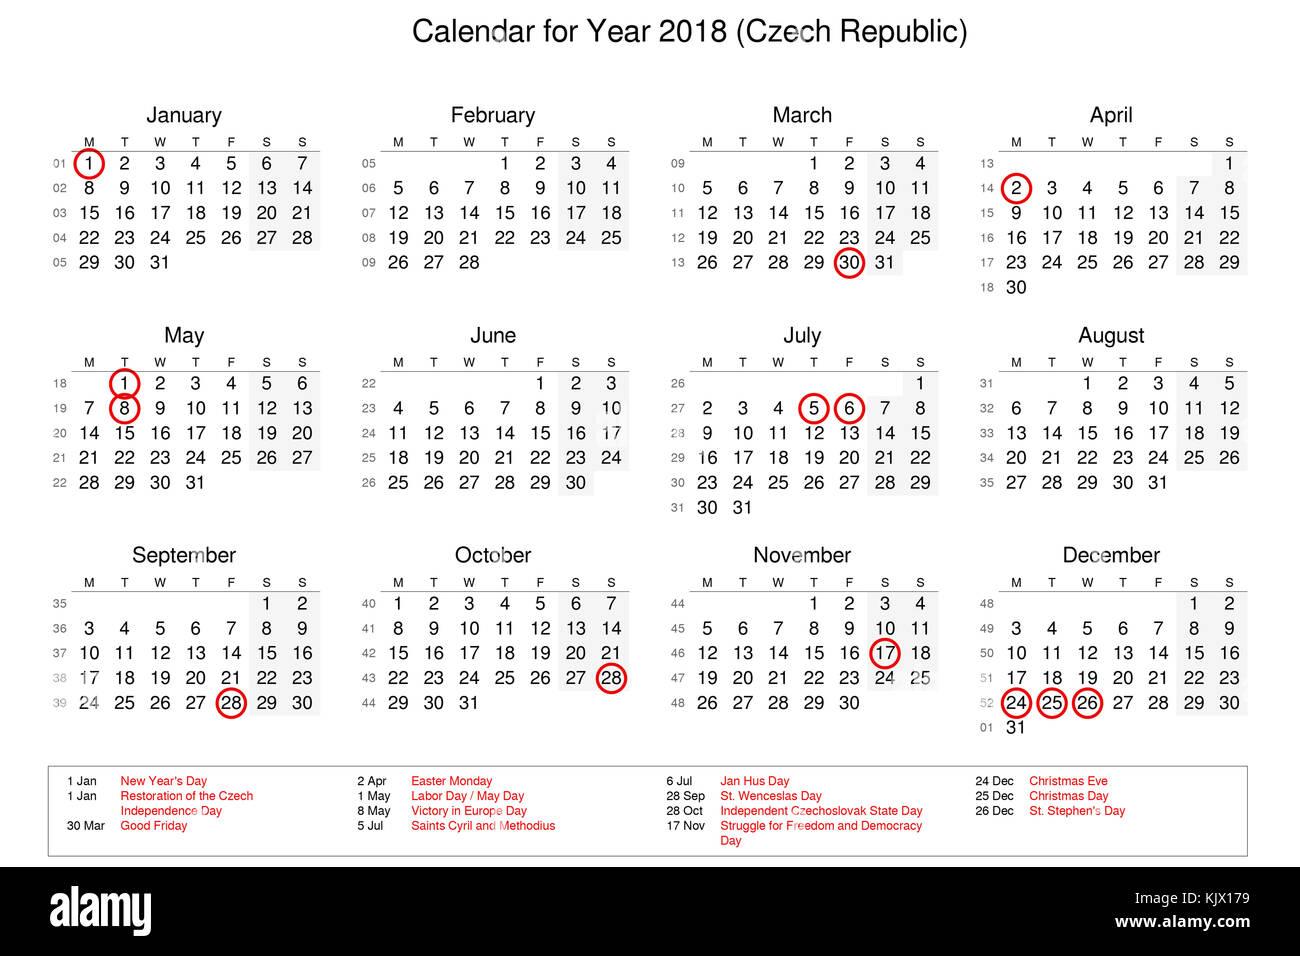 Calendario Repubblica.Calendario Dell Anno 2018 Con Giorni Festivi E Giorni